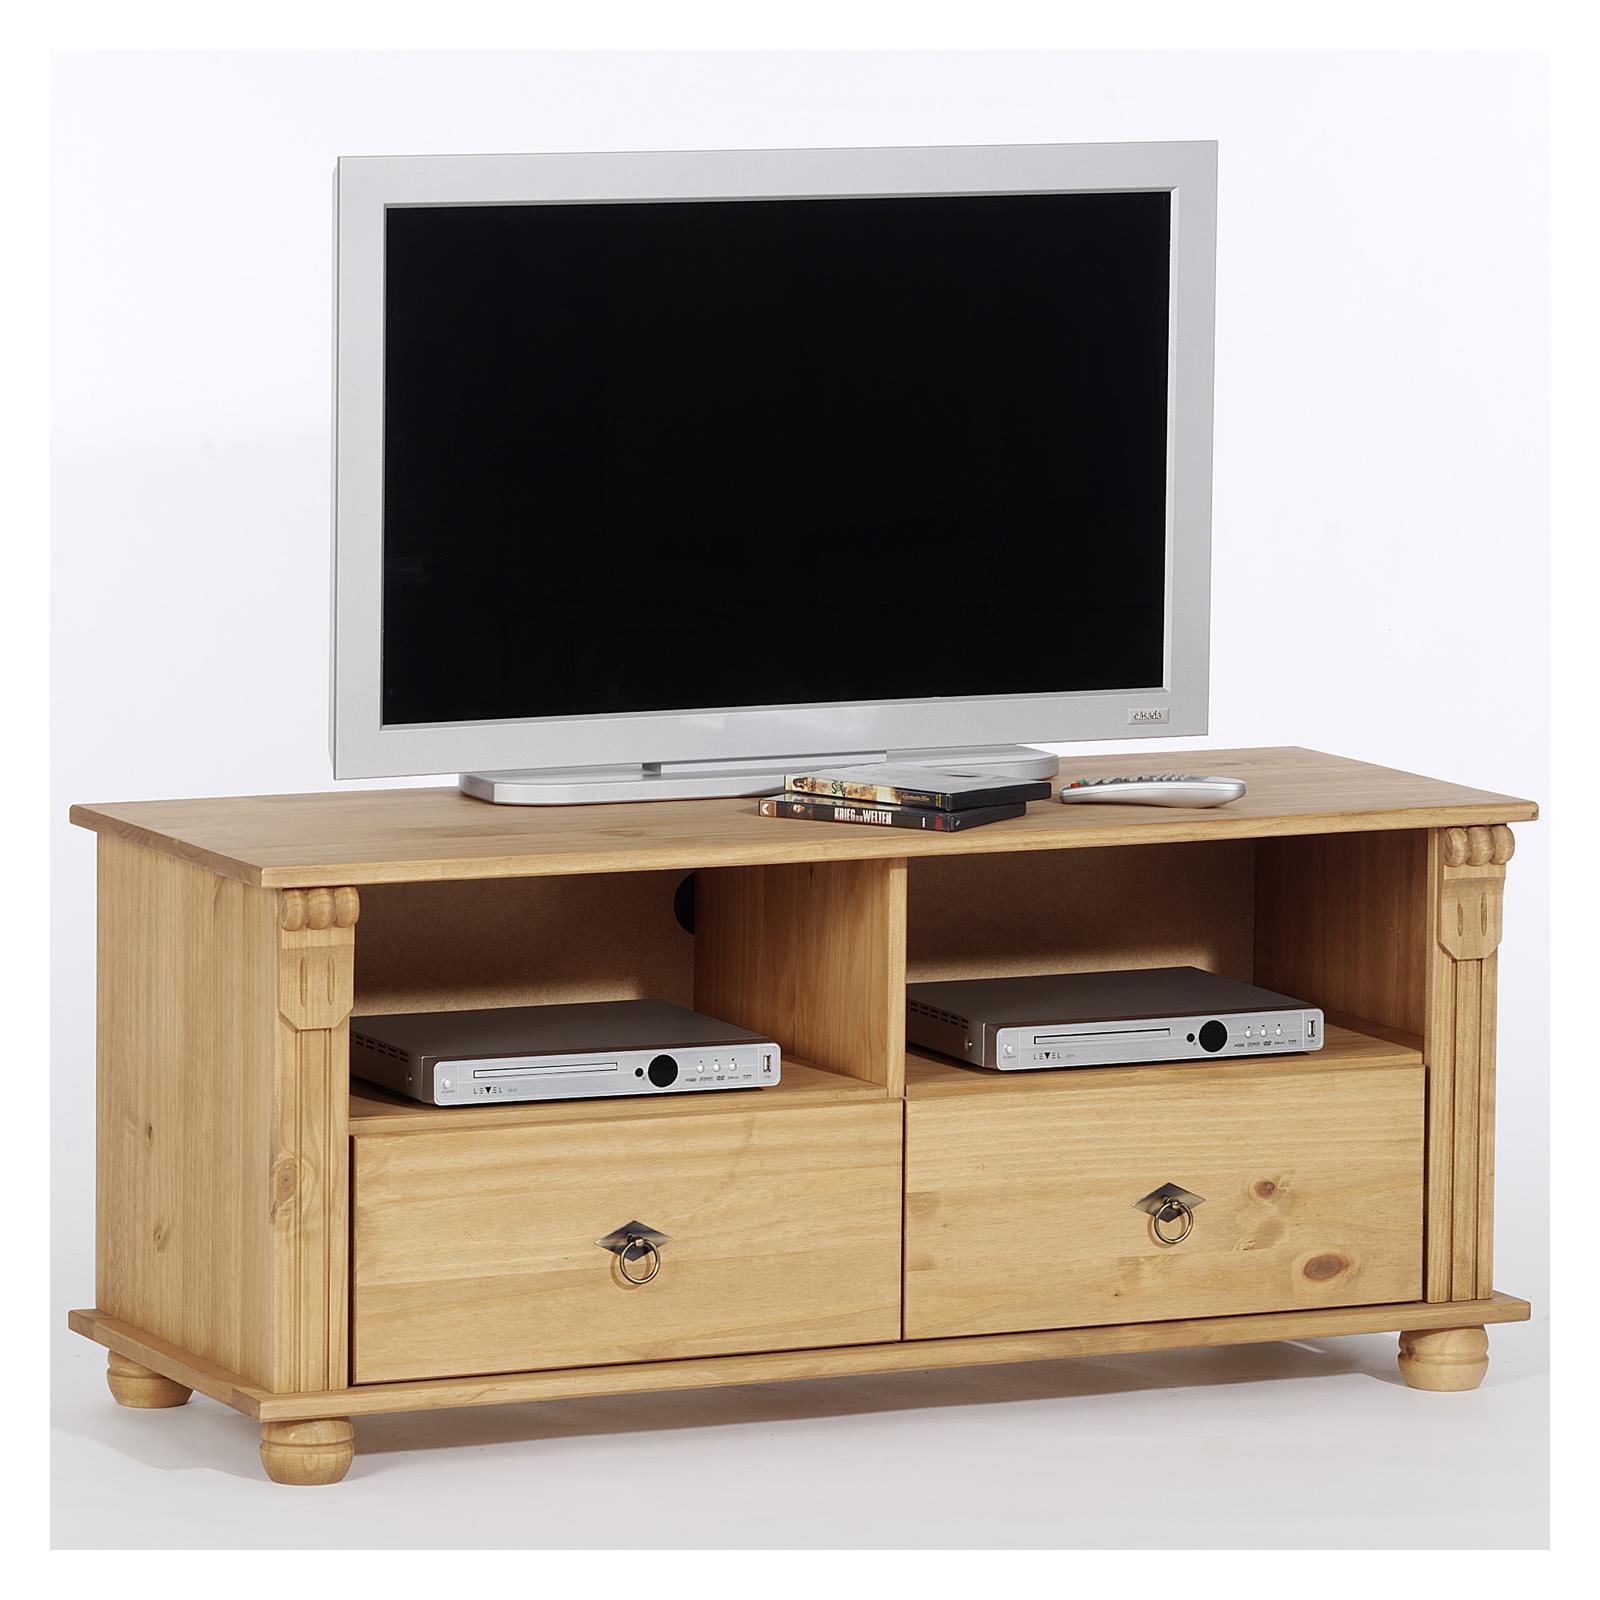 meuble tv en pin bologna finition cir e mobil meubles. Black Bedroom Furniture Sets. Home Design Ideas